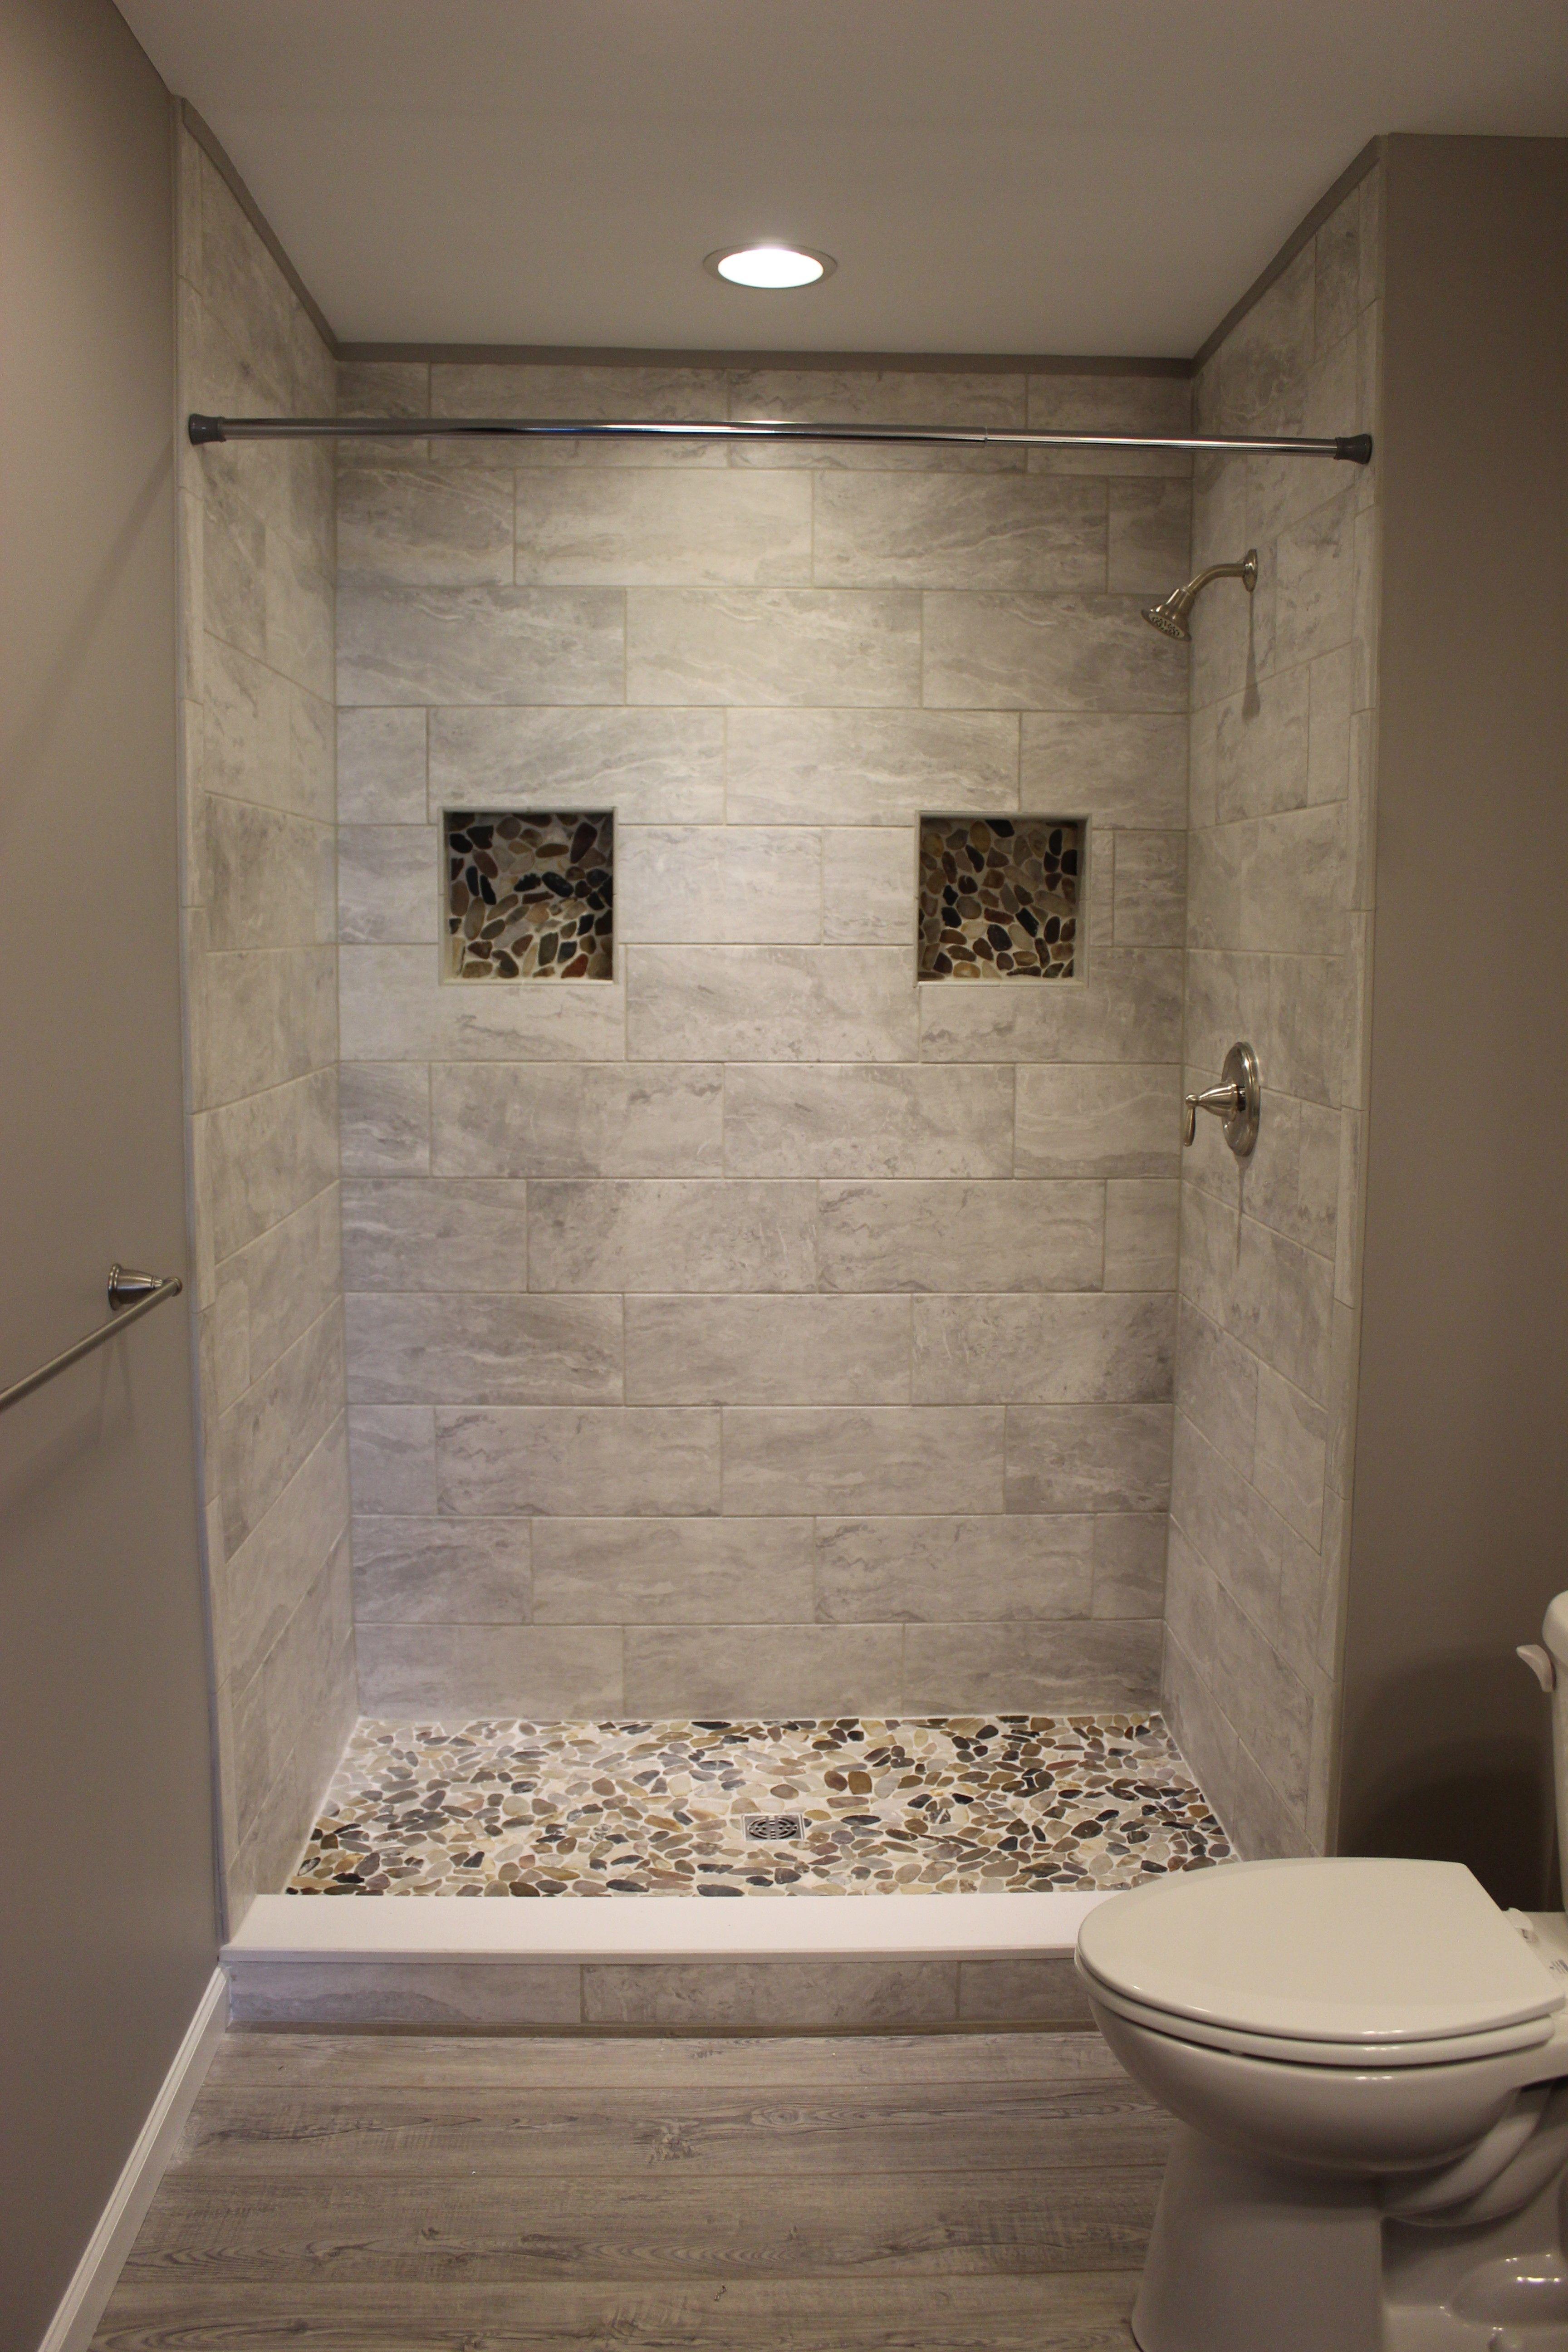 Tiled Shower Small Bathroom Restroom Remodel Shower Tile